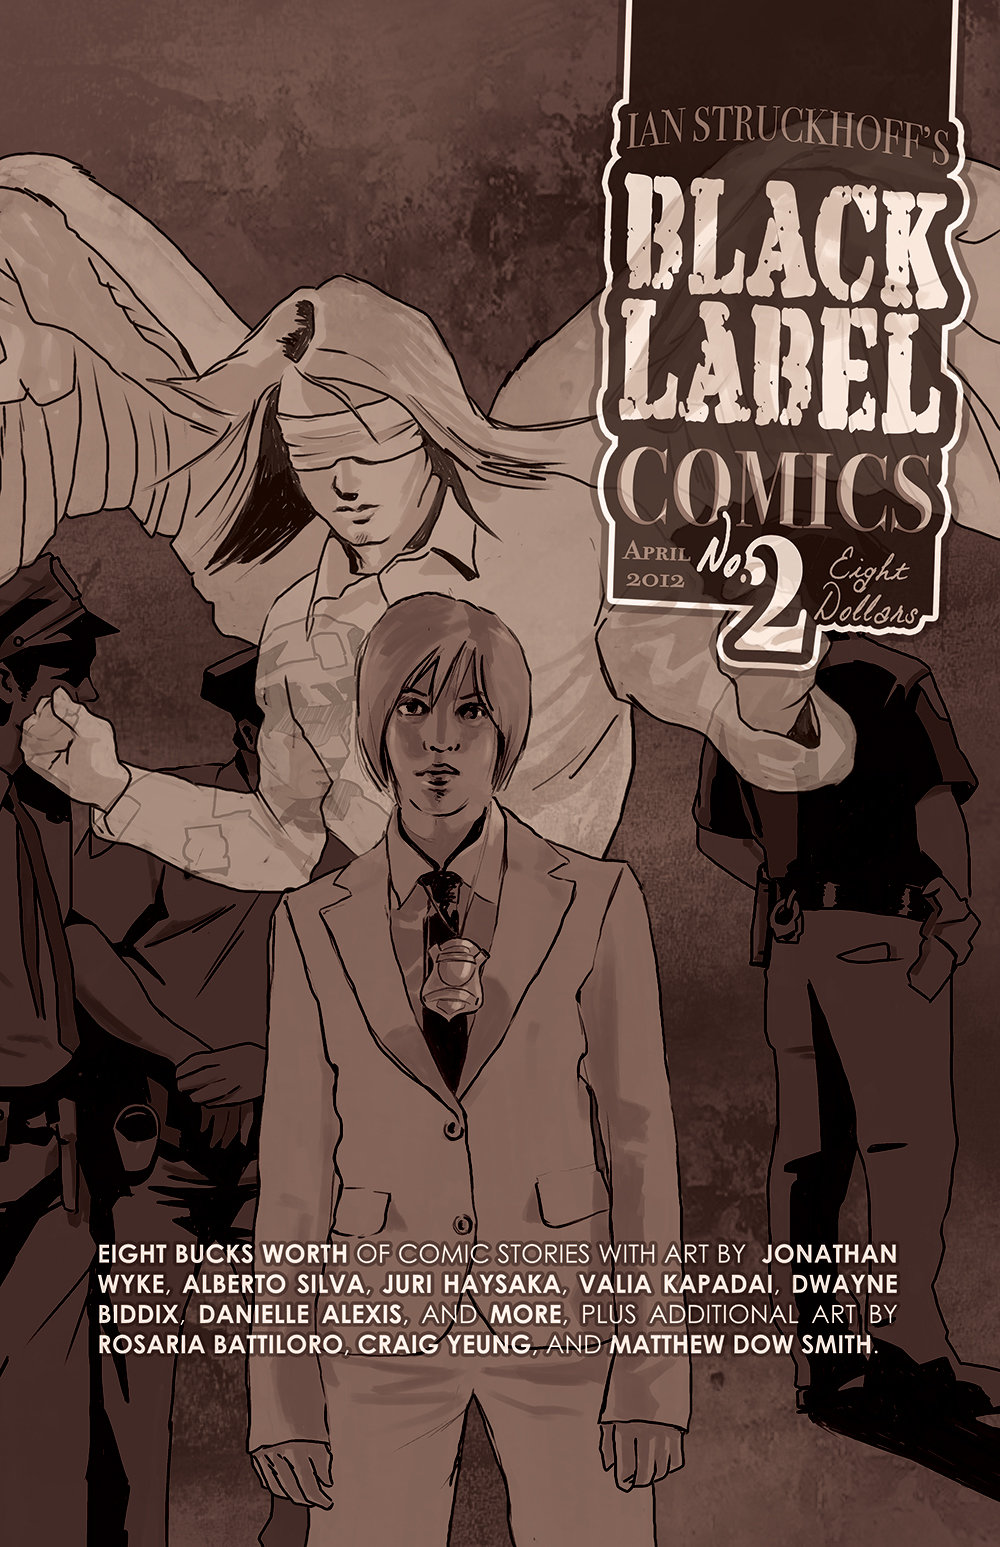 Black Label Comics no. 2 by IanStruckhoff